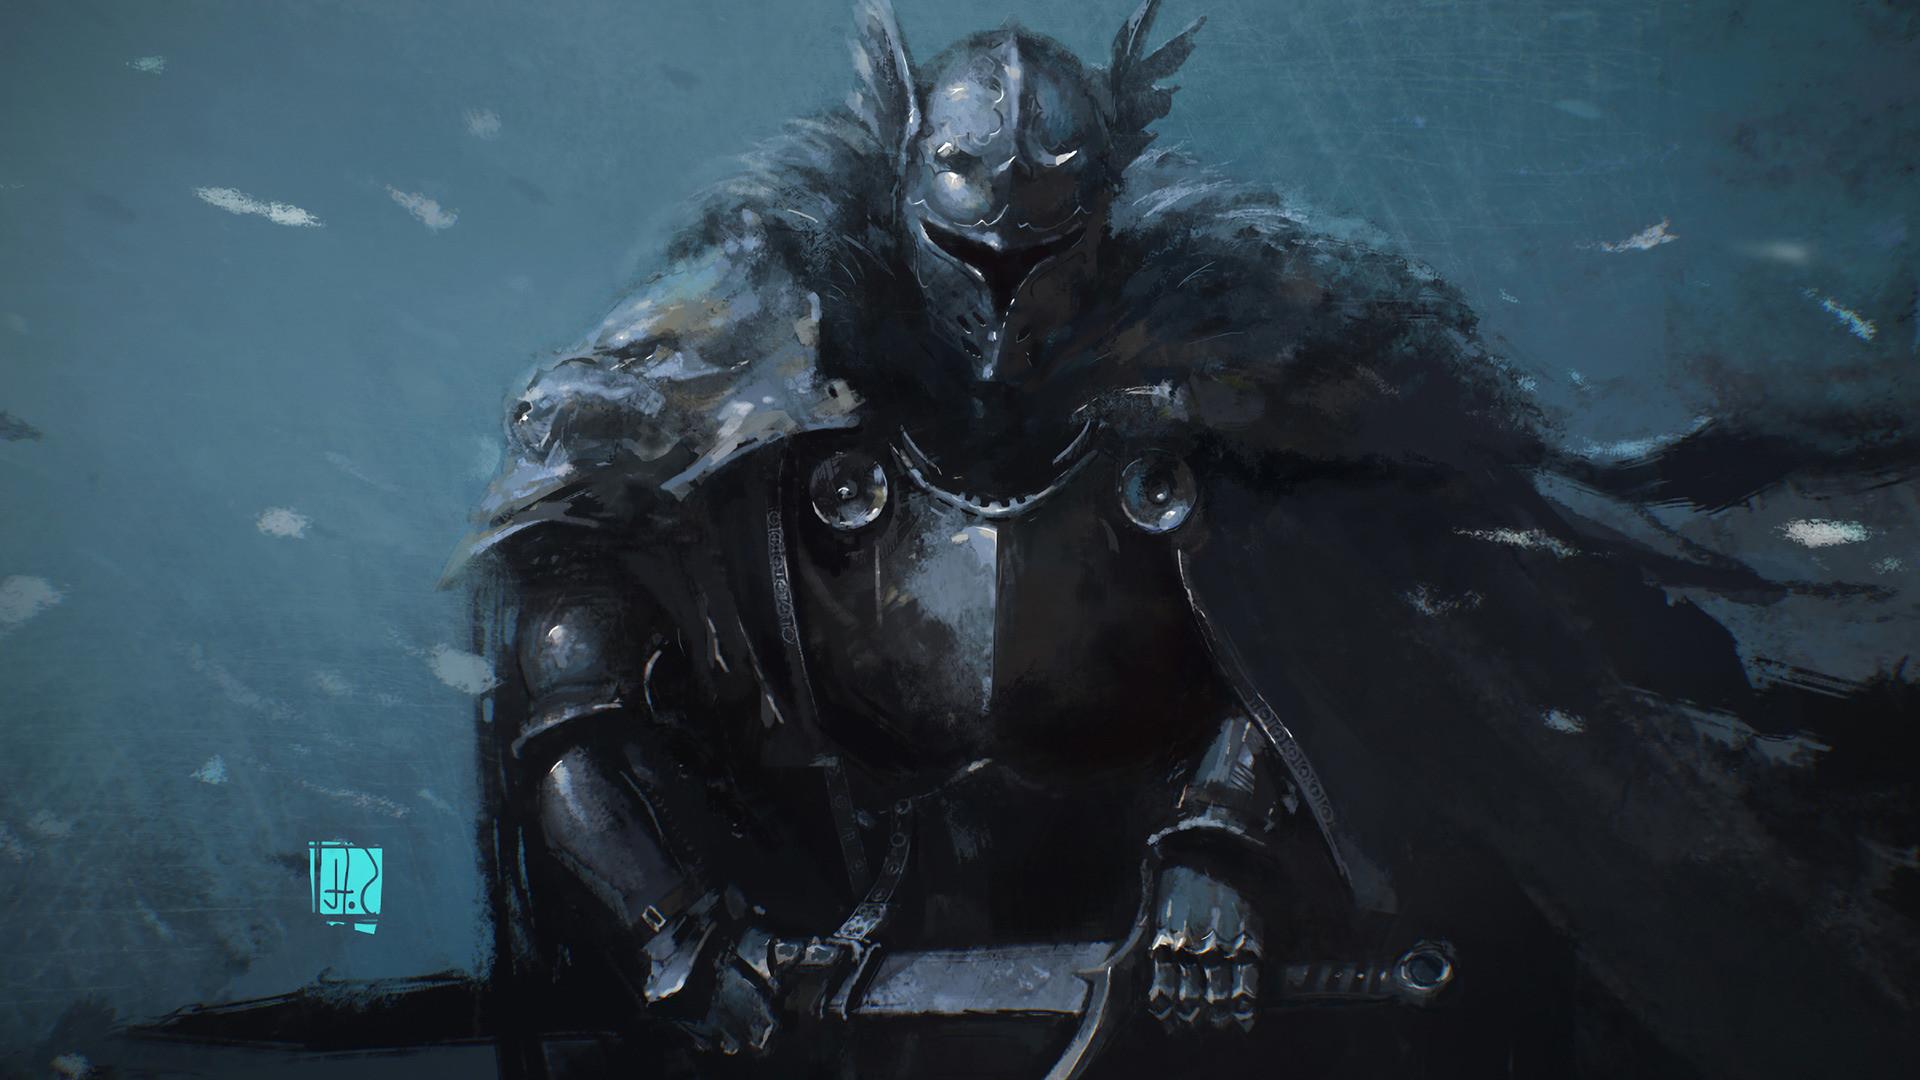 Fantasy Knight Wallpaper ·① WallpaperTag